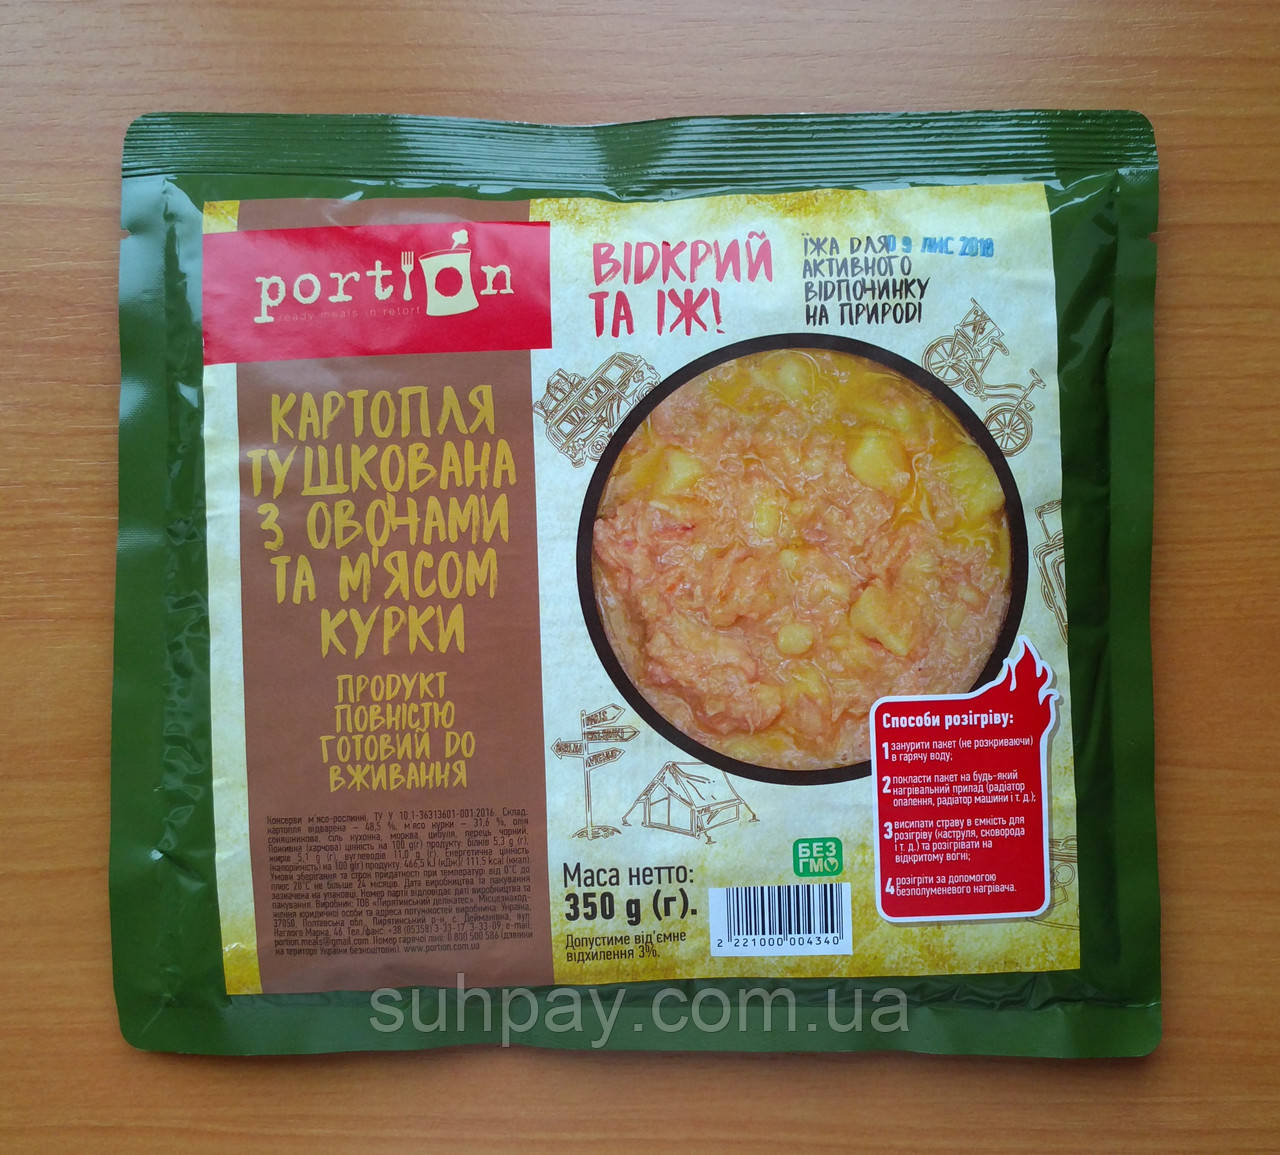 Картопля з м'ясом курки 350г